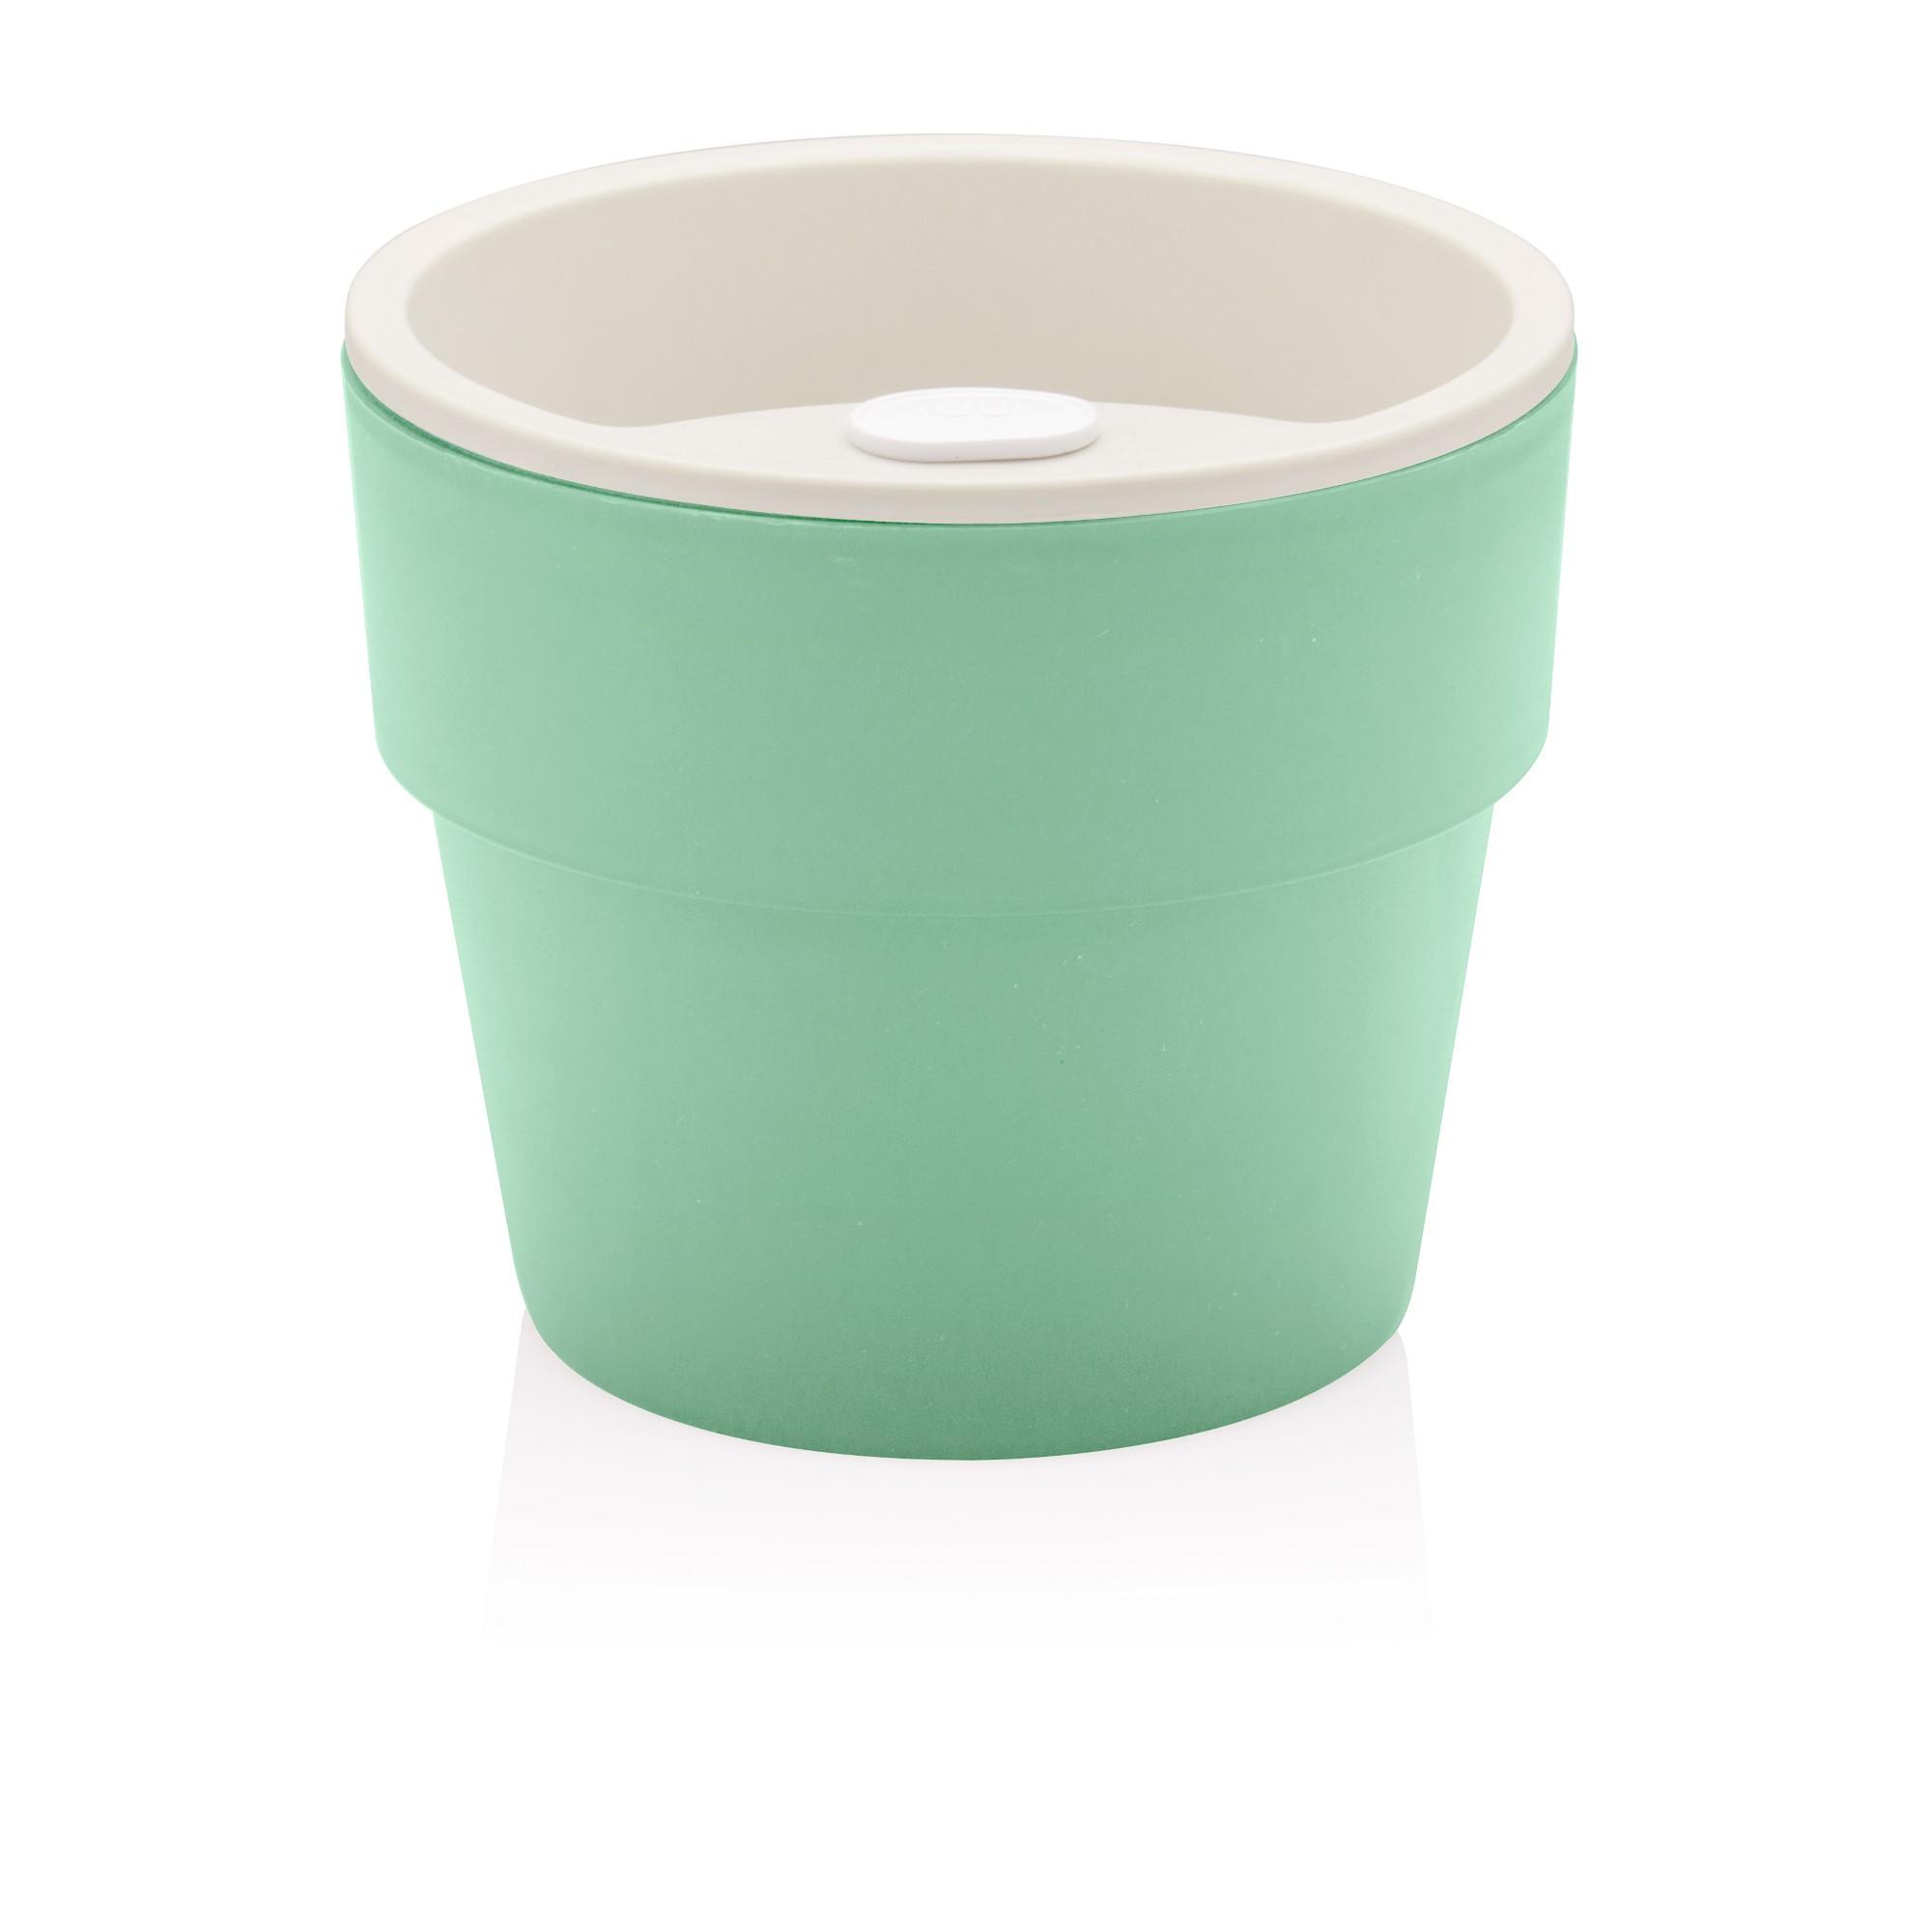 Vaso para Plantas Autoirrigavel G 15x165 cm 600 ml Polipropileno Verde Menta - Ou